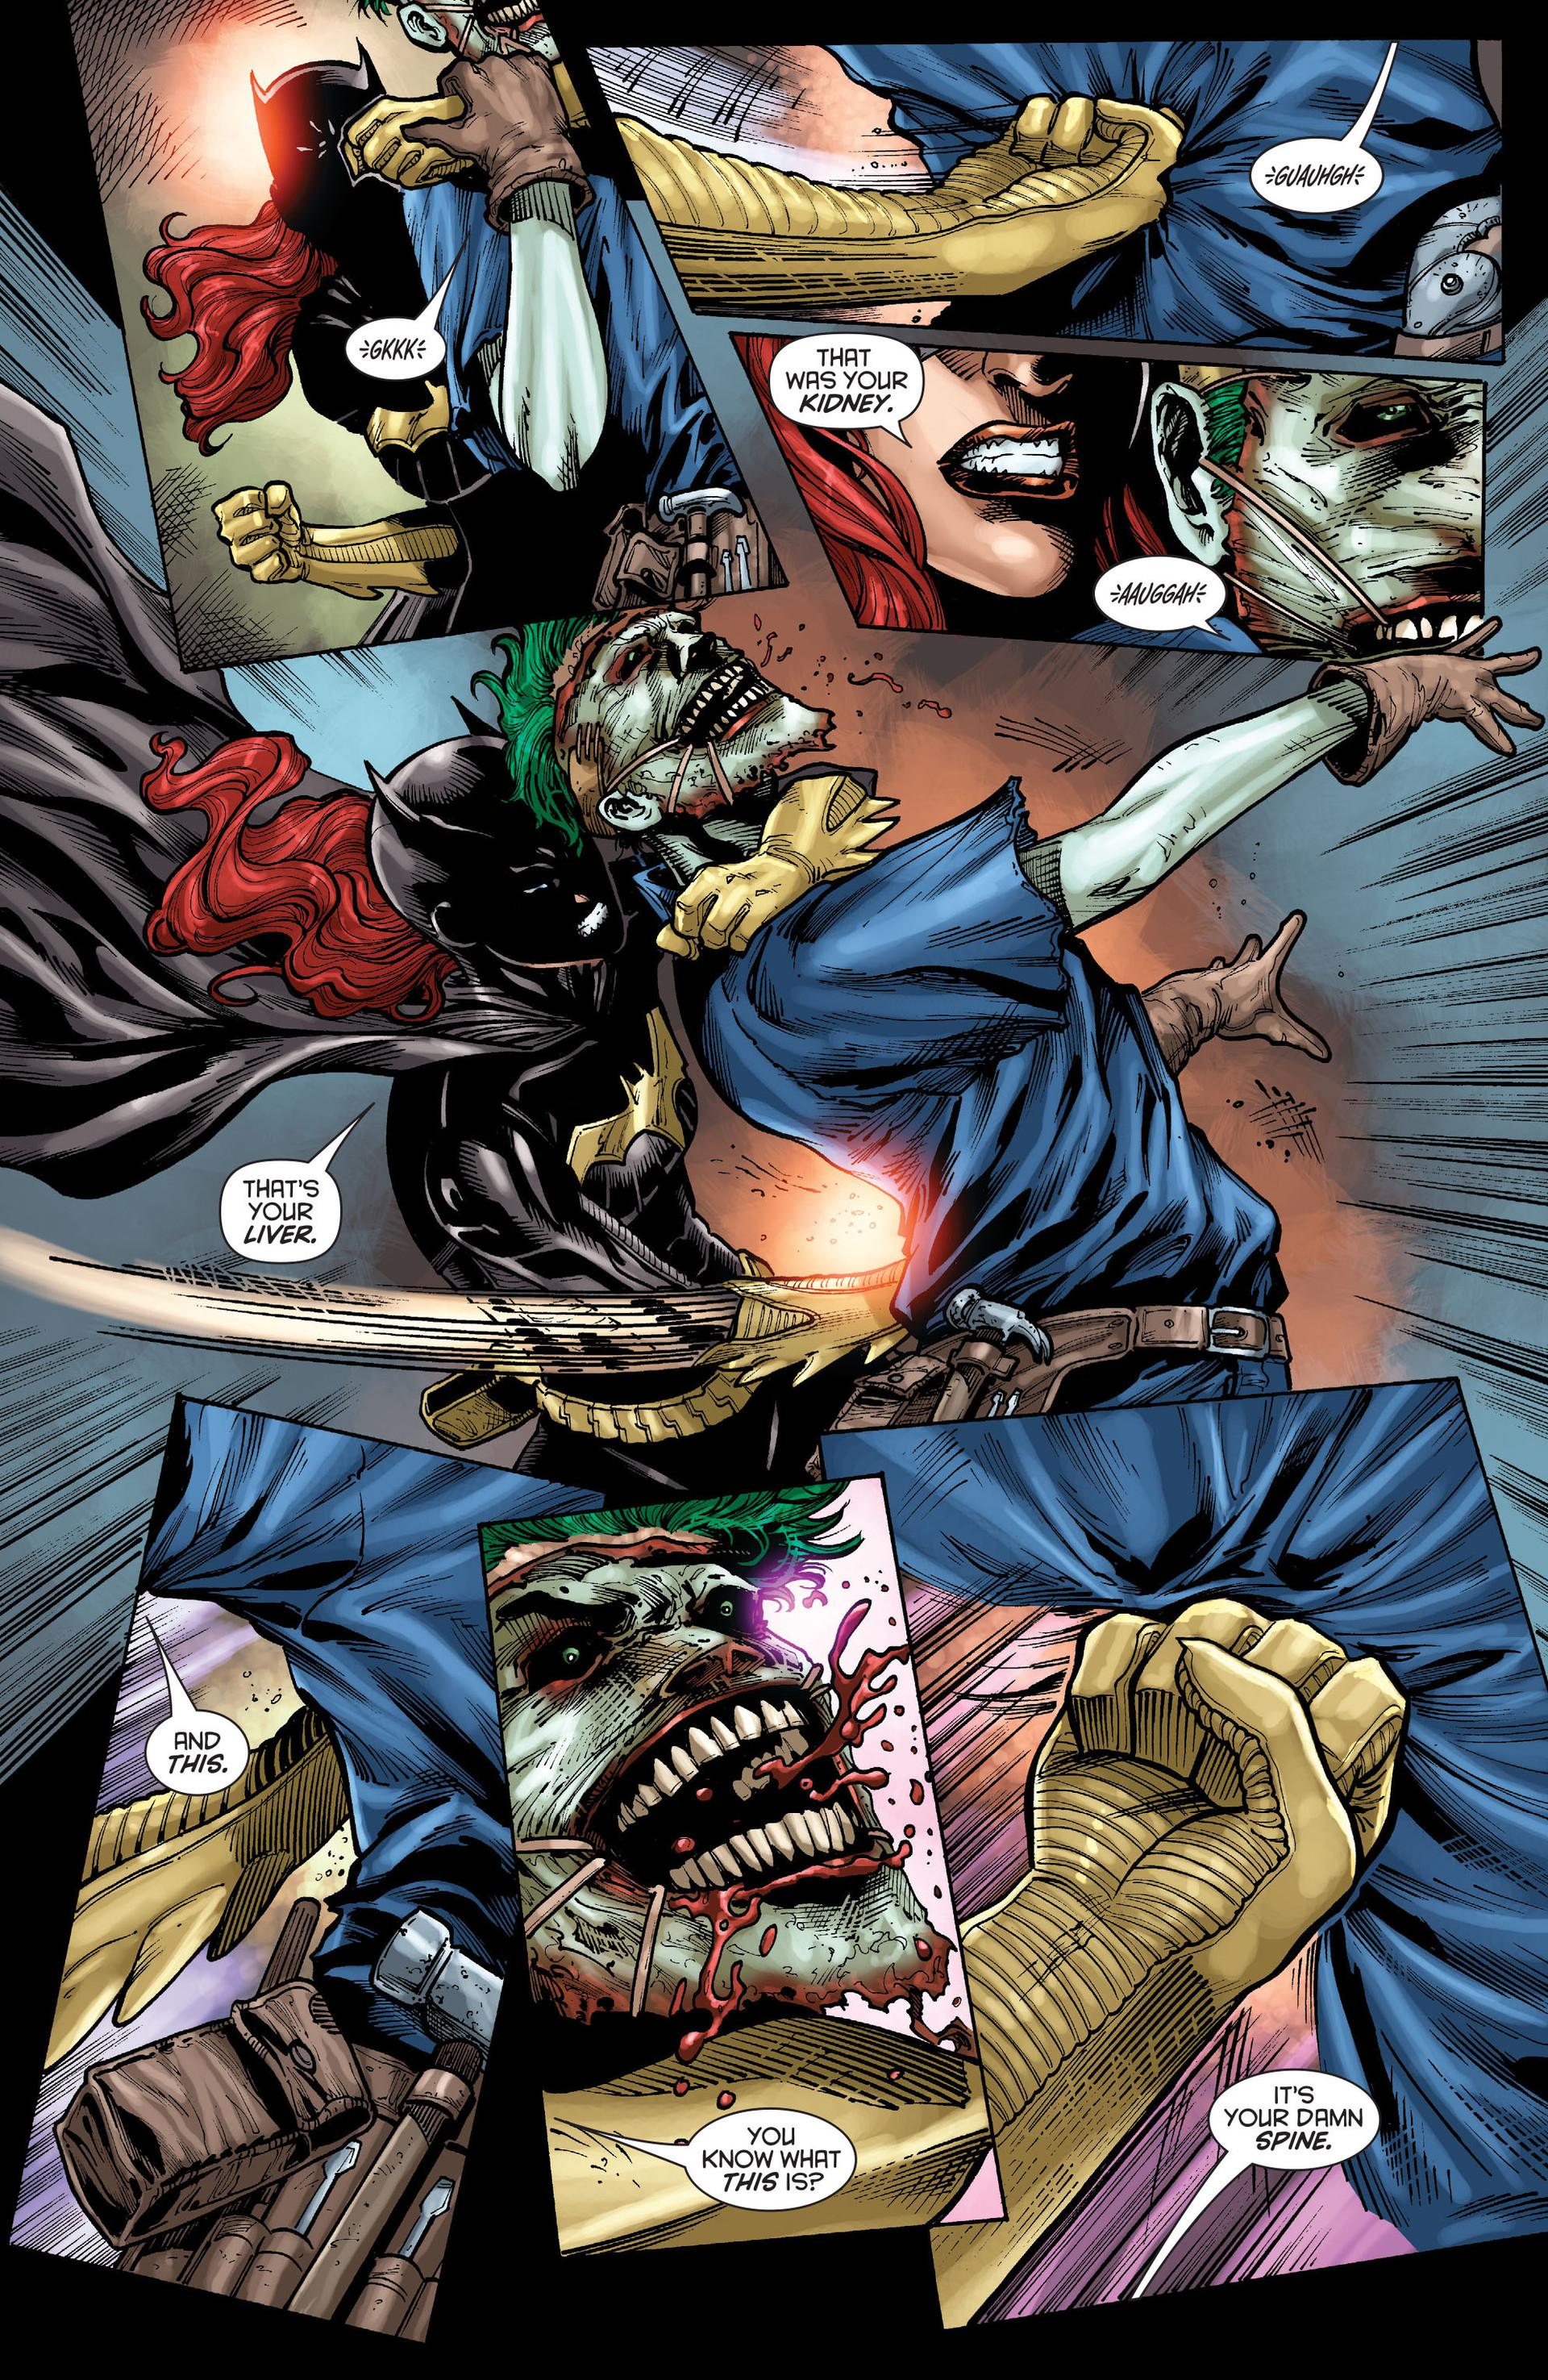 DC Comics pulls controversial Batgirl cover at creators' request